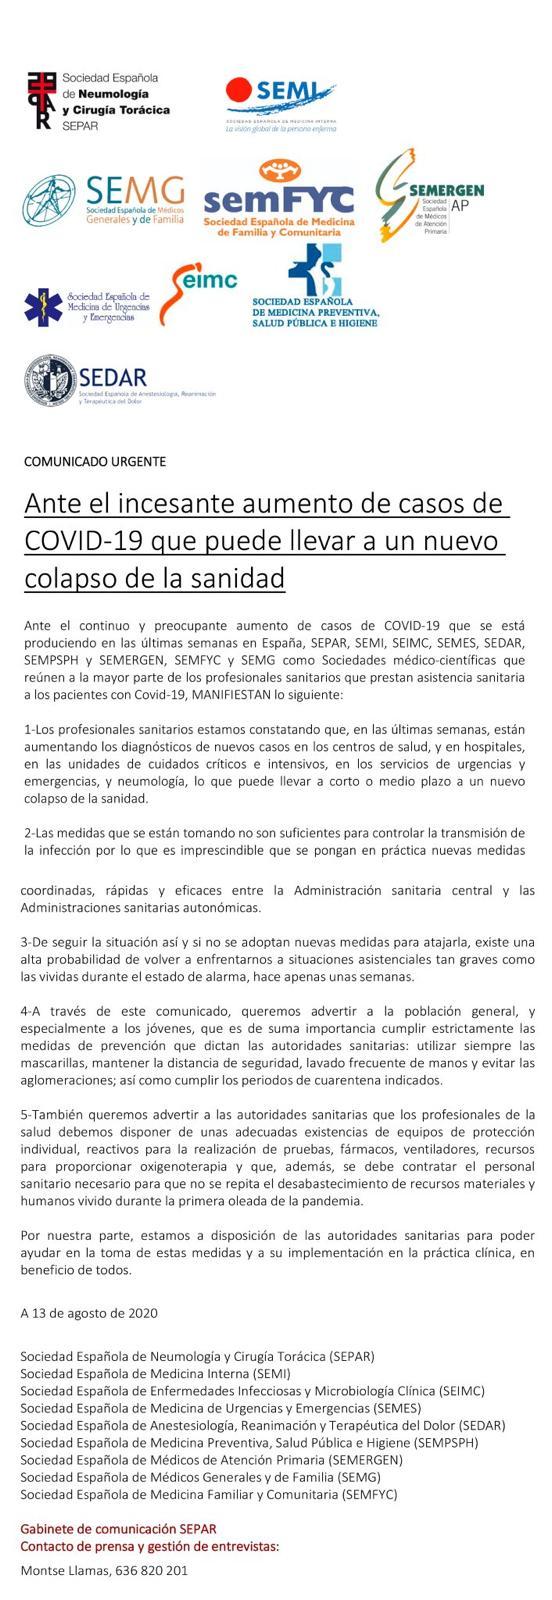 """AVISO : Los médicos y expertos (HARTOS) alertan de la alta probabilidad de un nuevo COLAPSO sanitario por el coronavirus, las medidas que se están tomando """"no son suficientes"""""""